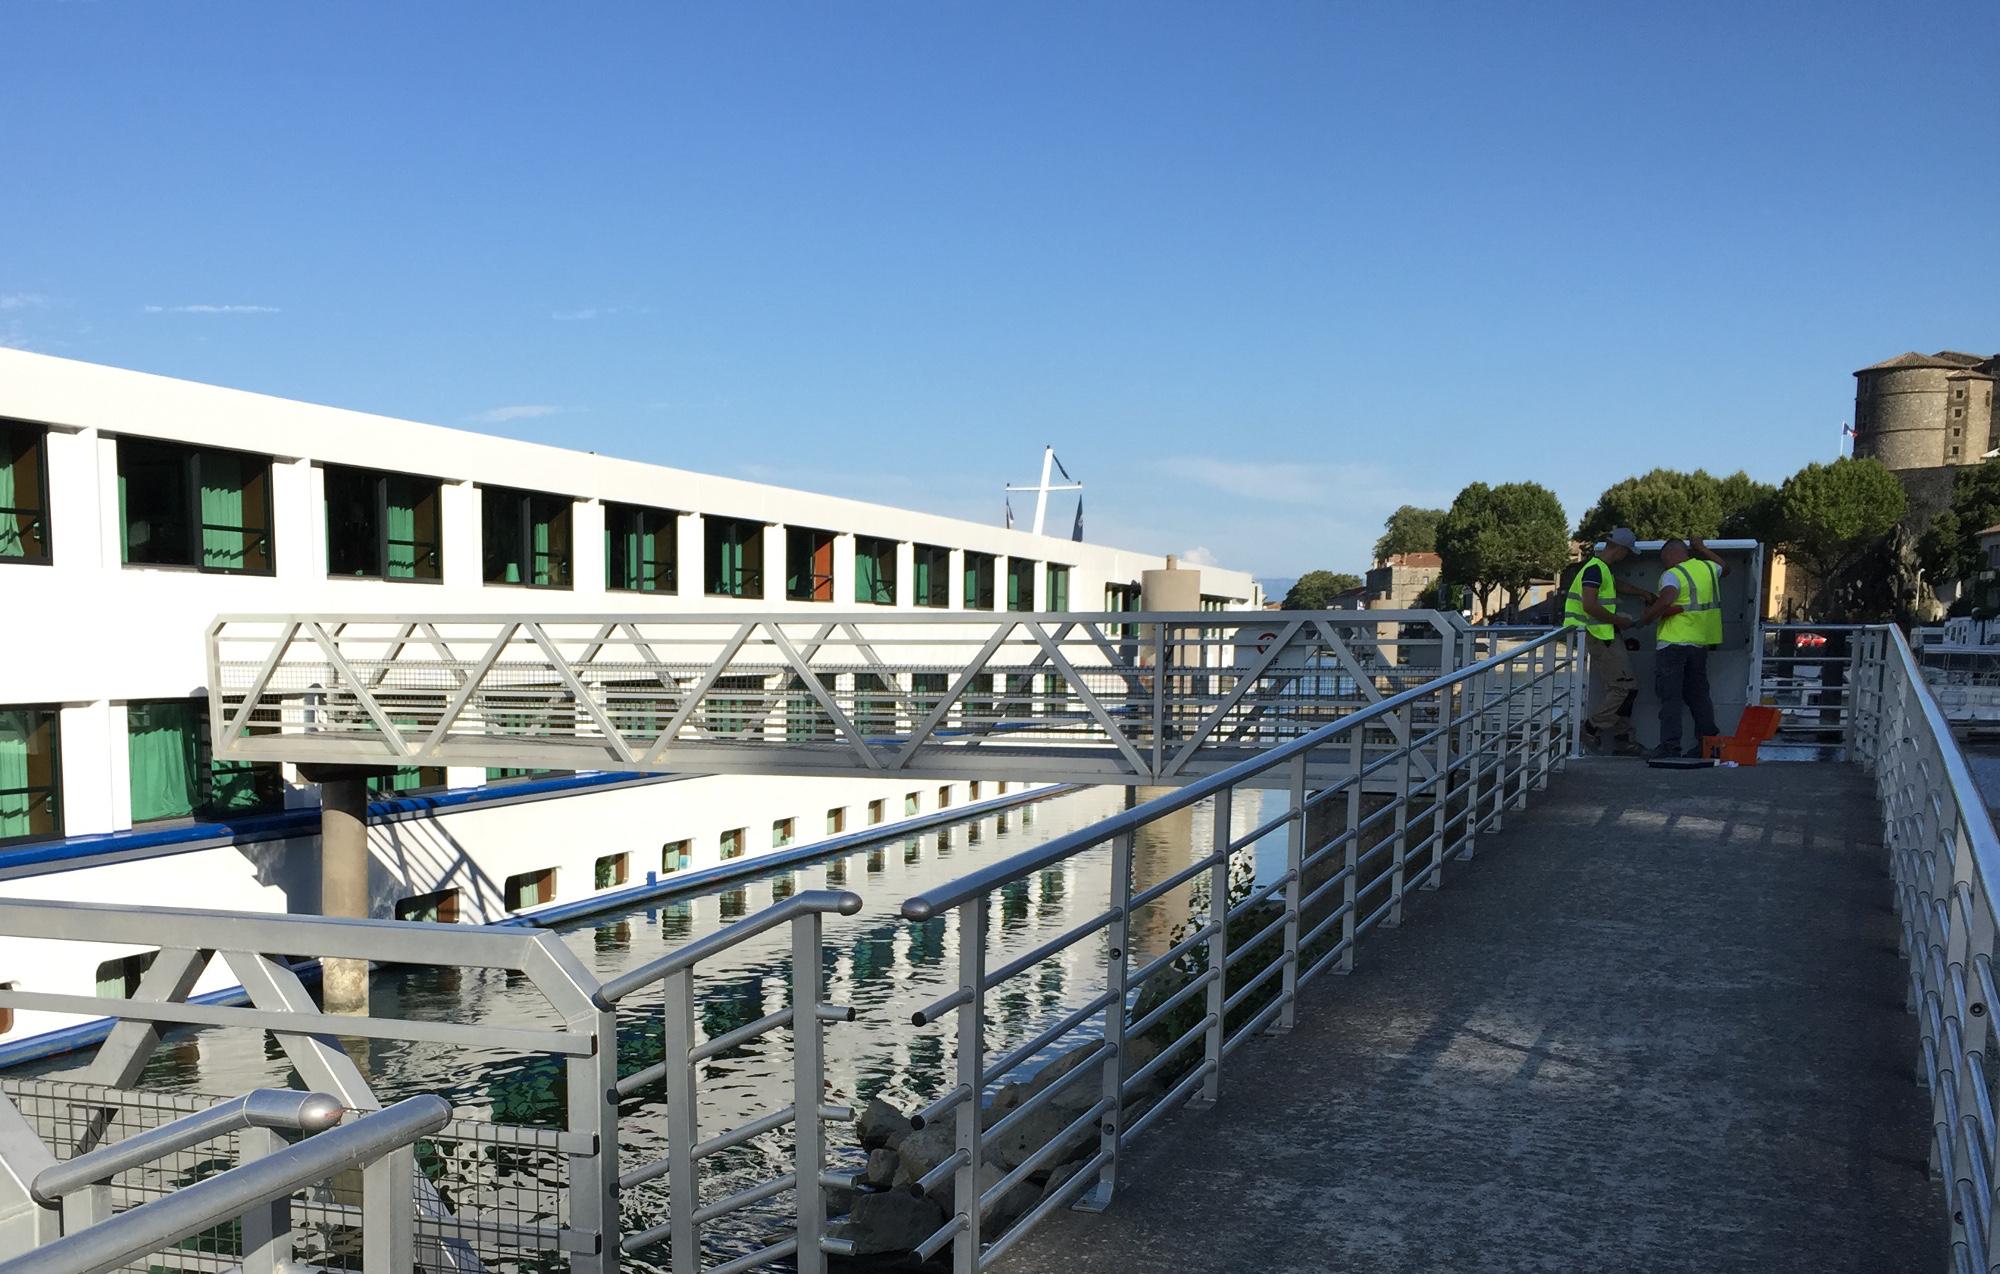 borne electrique bateau fluvial 2